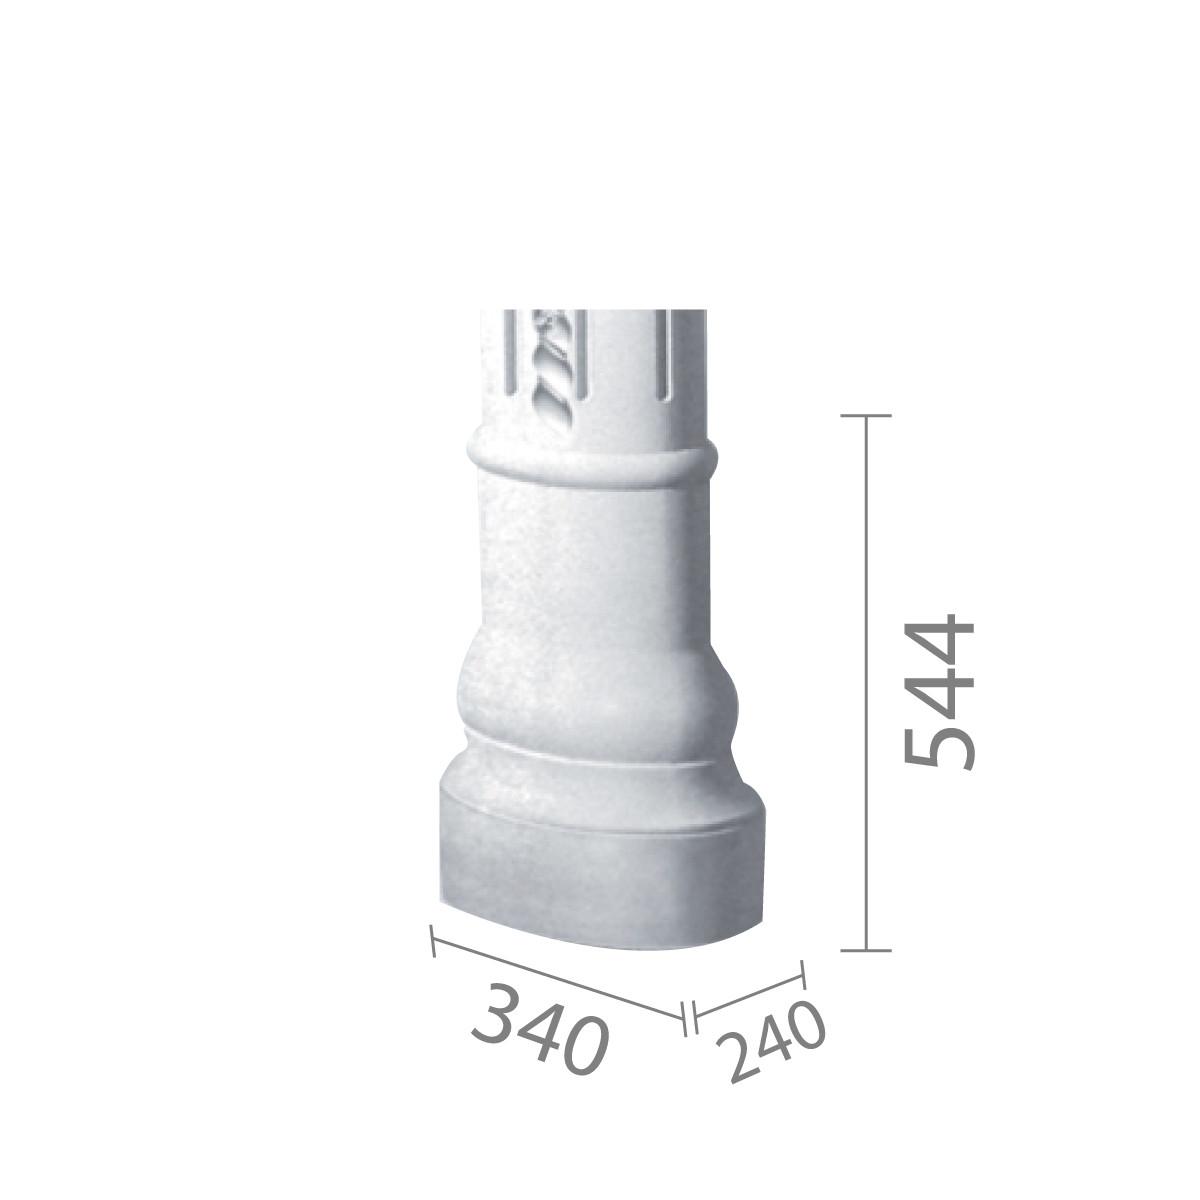 База колонны из гипса, гипсовая база, основание для колонны б-58 (1/2)